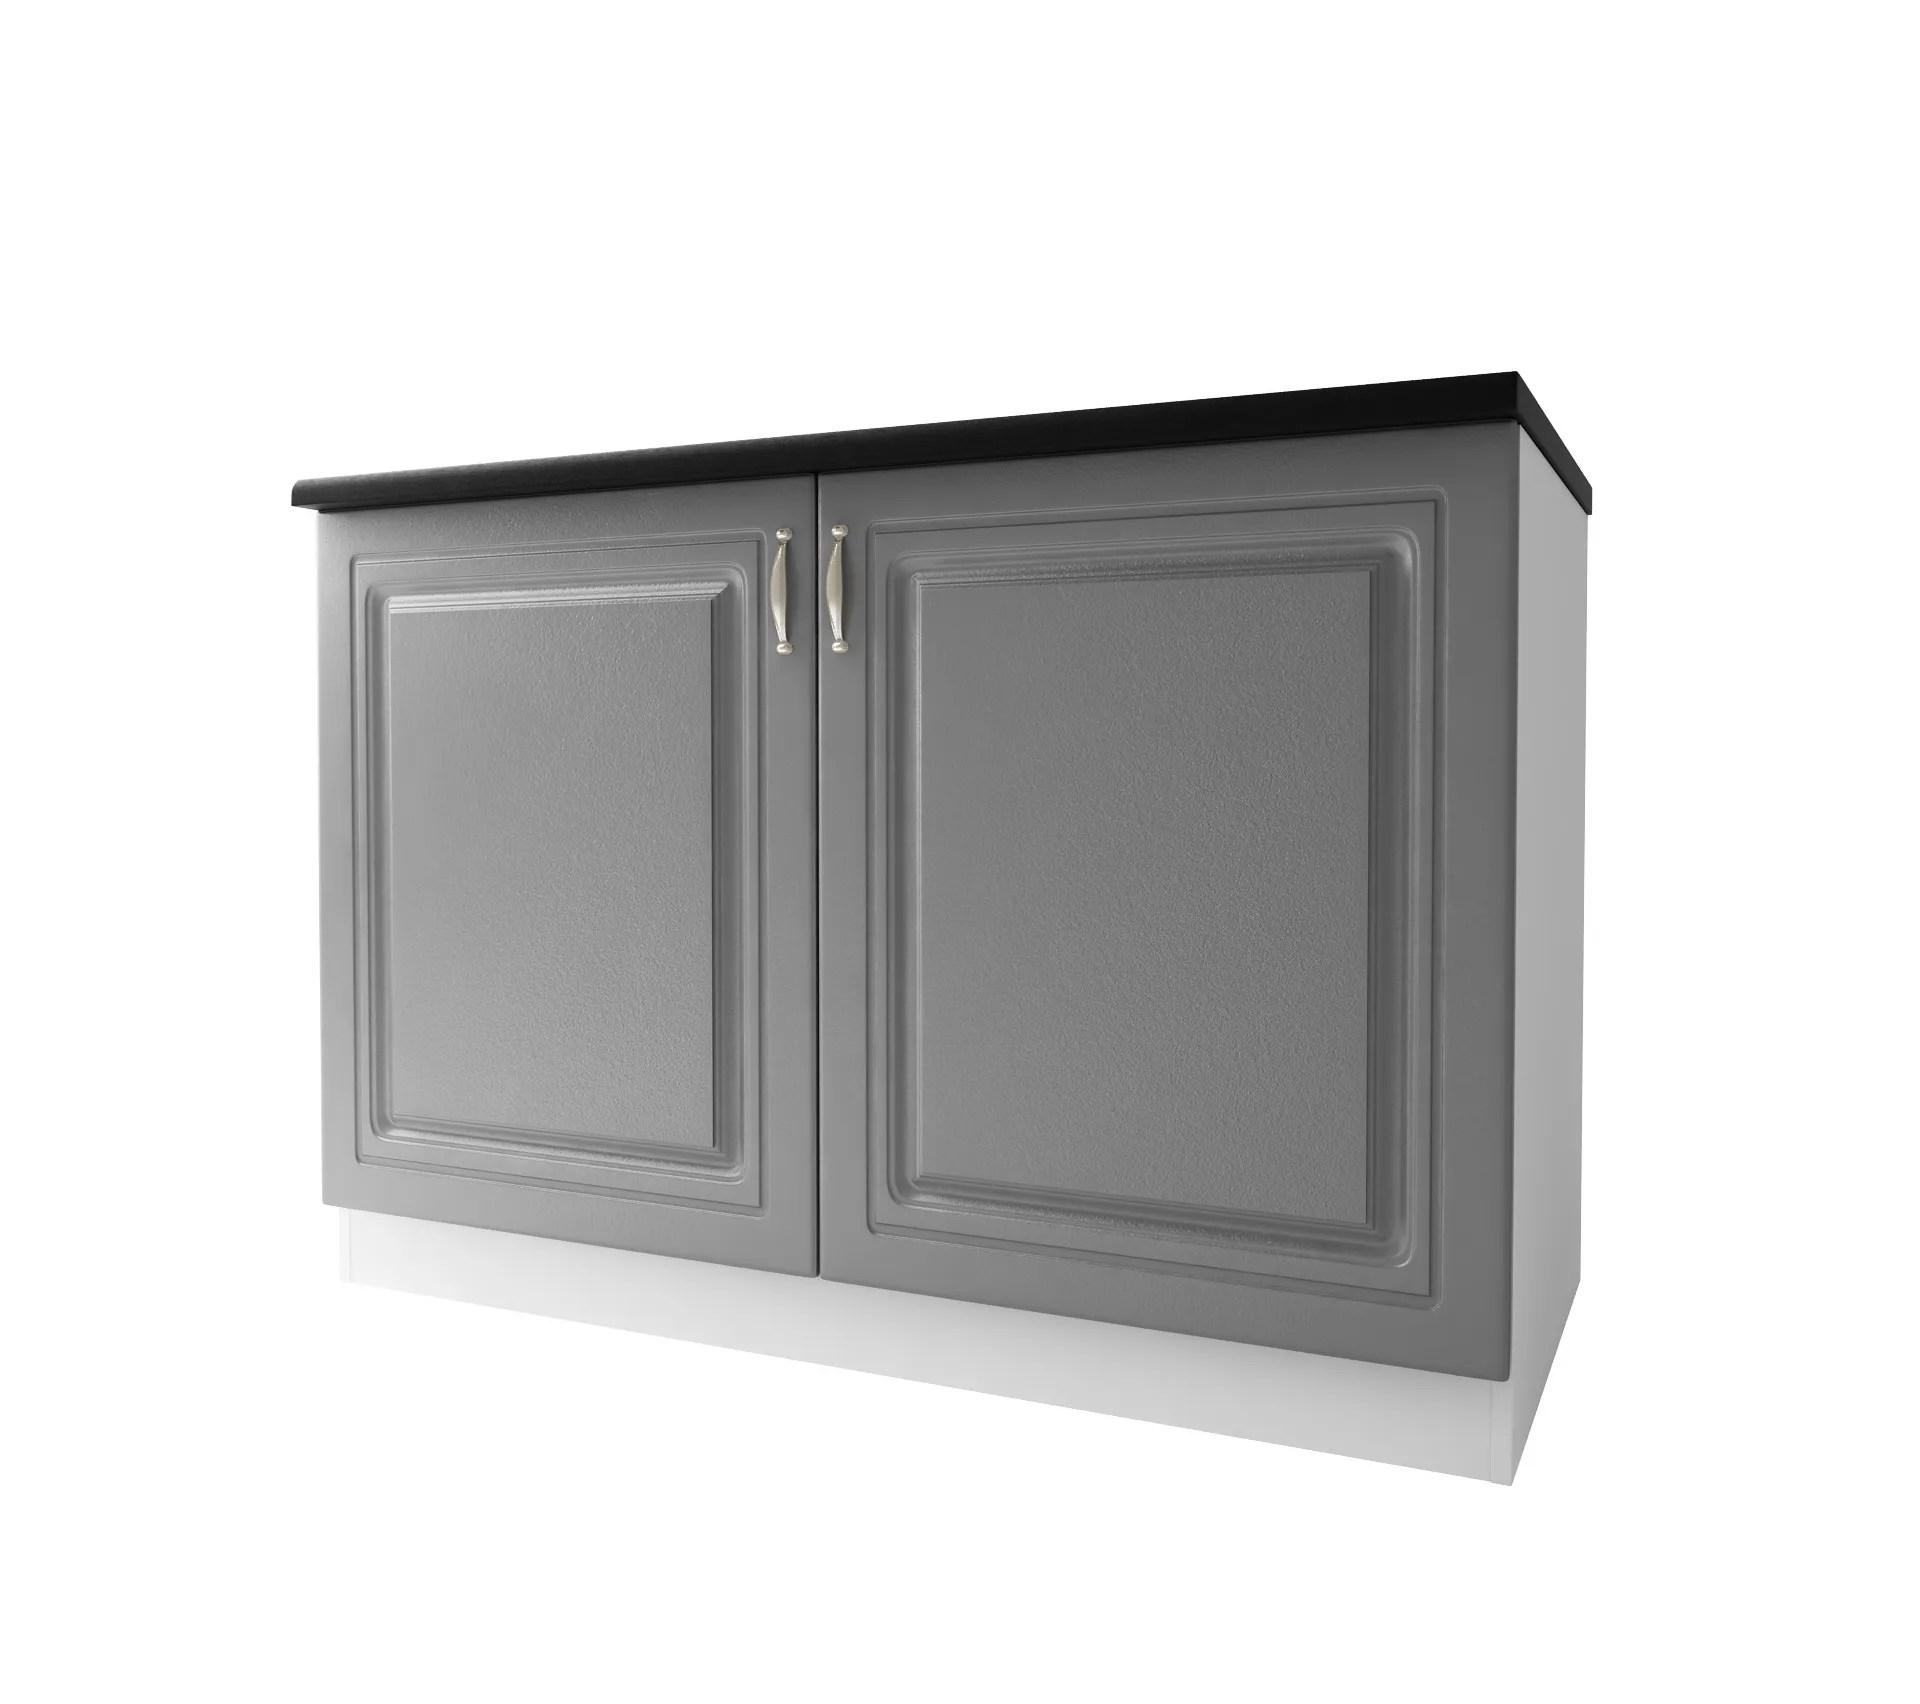 meuble de cuisine bas 2 portes 120 cm dina en melamine avec 1 etagere gris